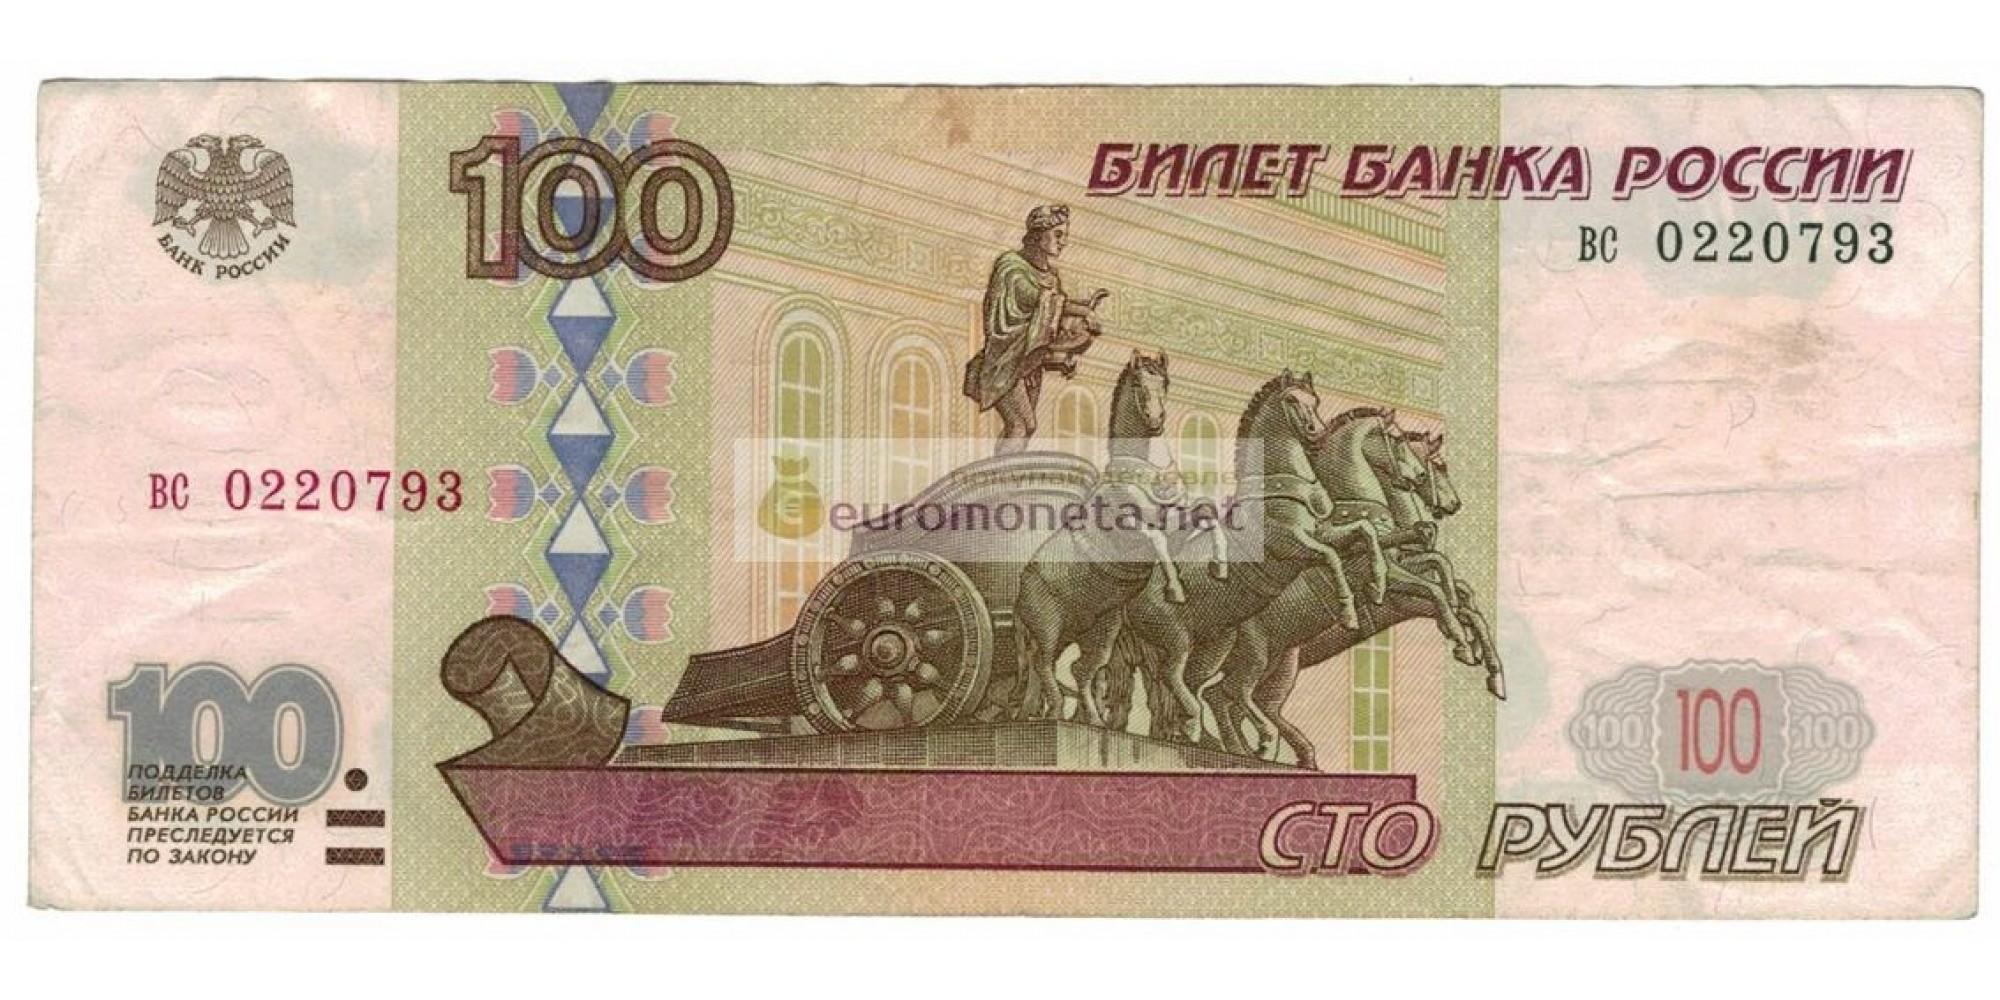 Россия 100 рублей 1997 год без модификации серия вс 0220793